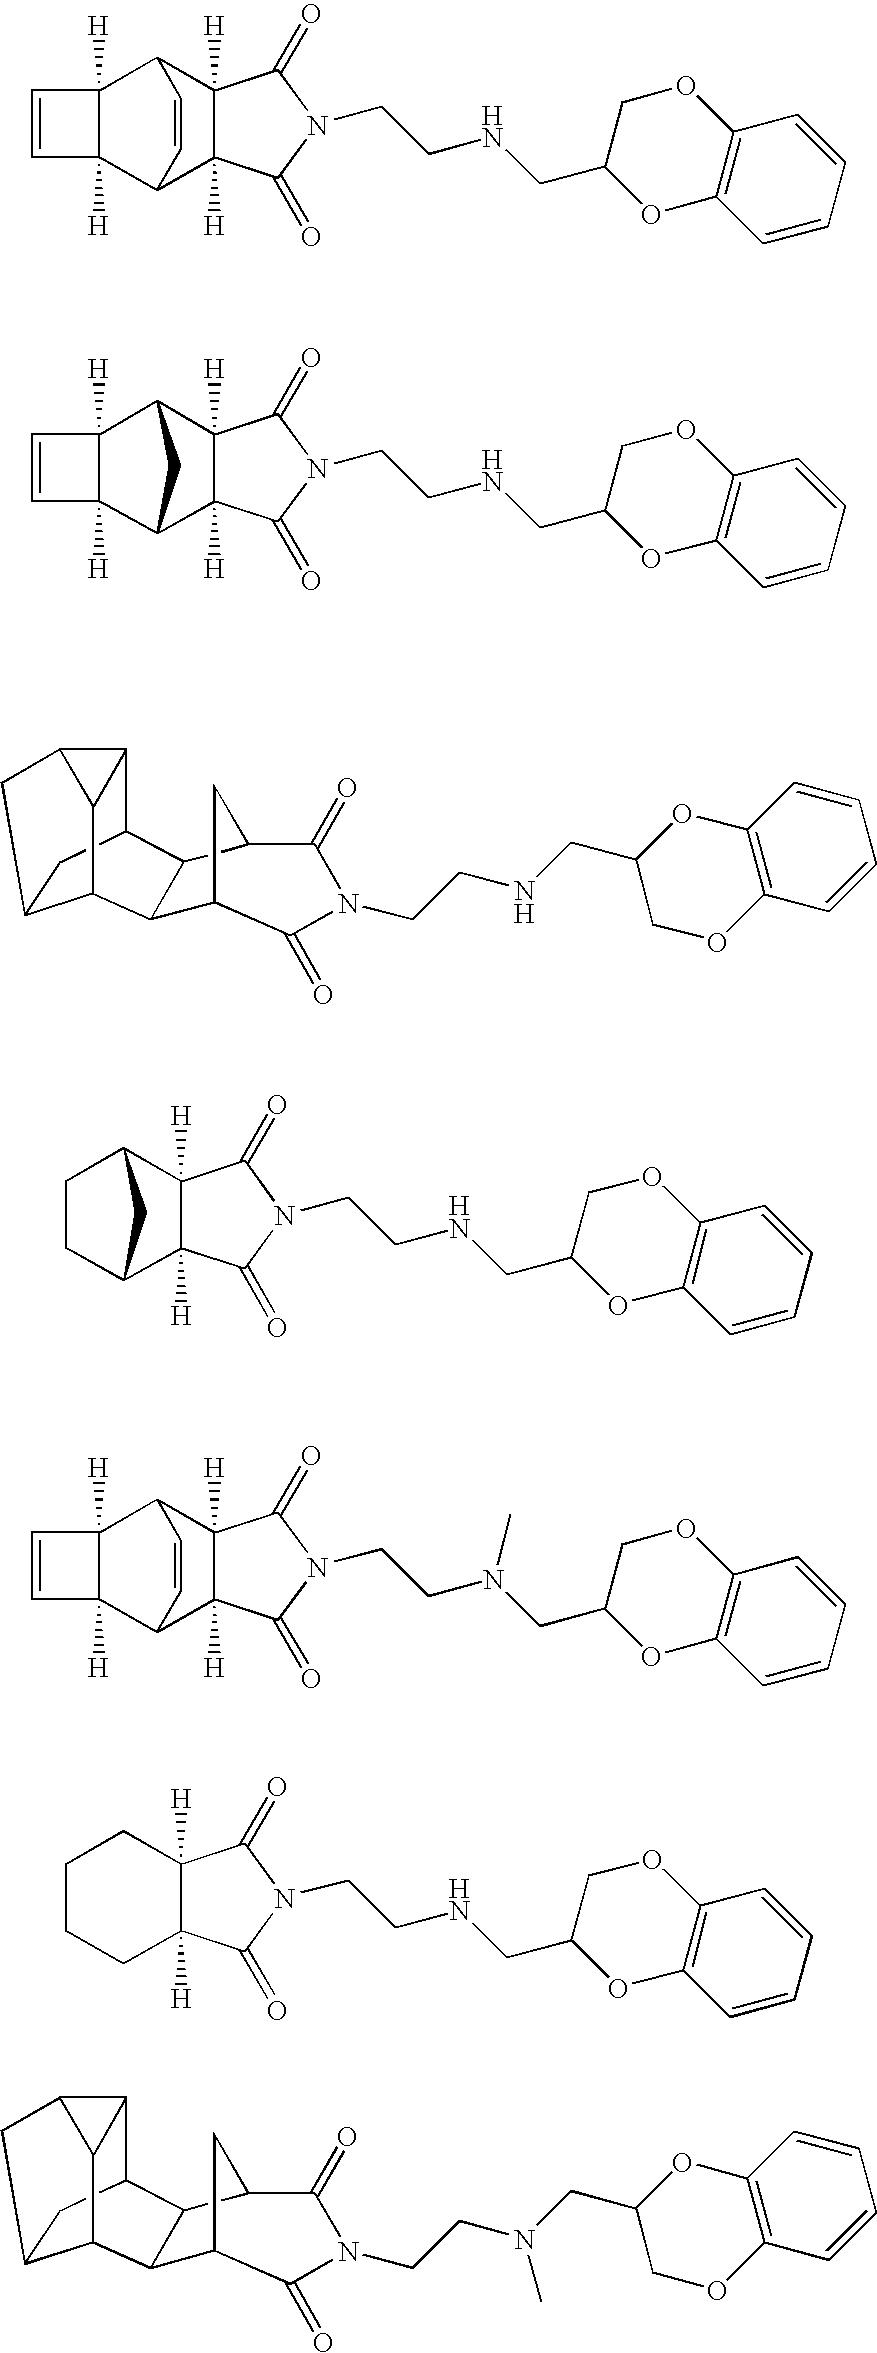 Figure US20100009983A1-20100114-C00039